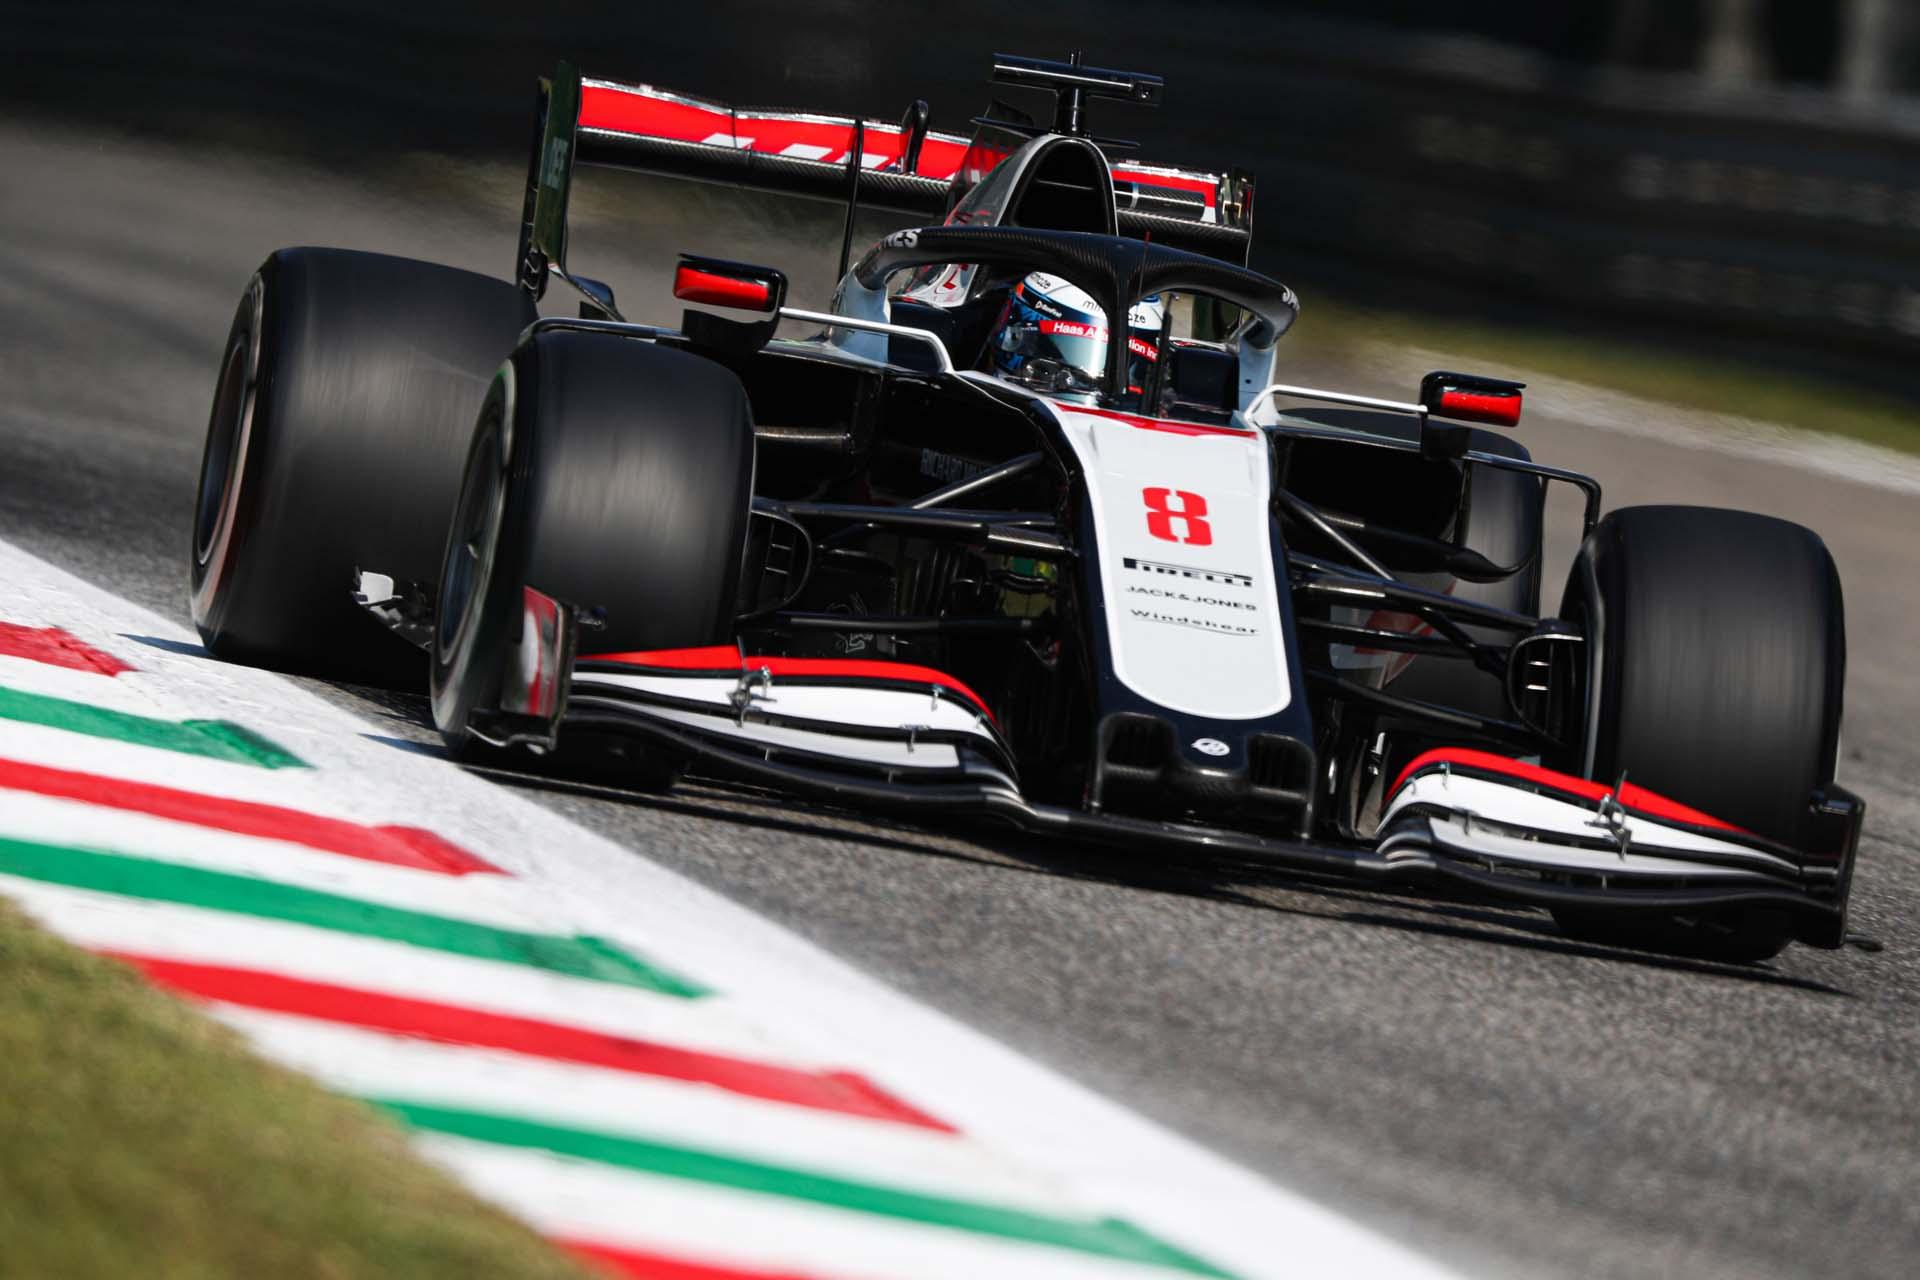 2020 Italian GP